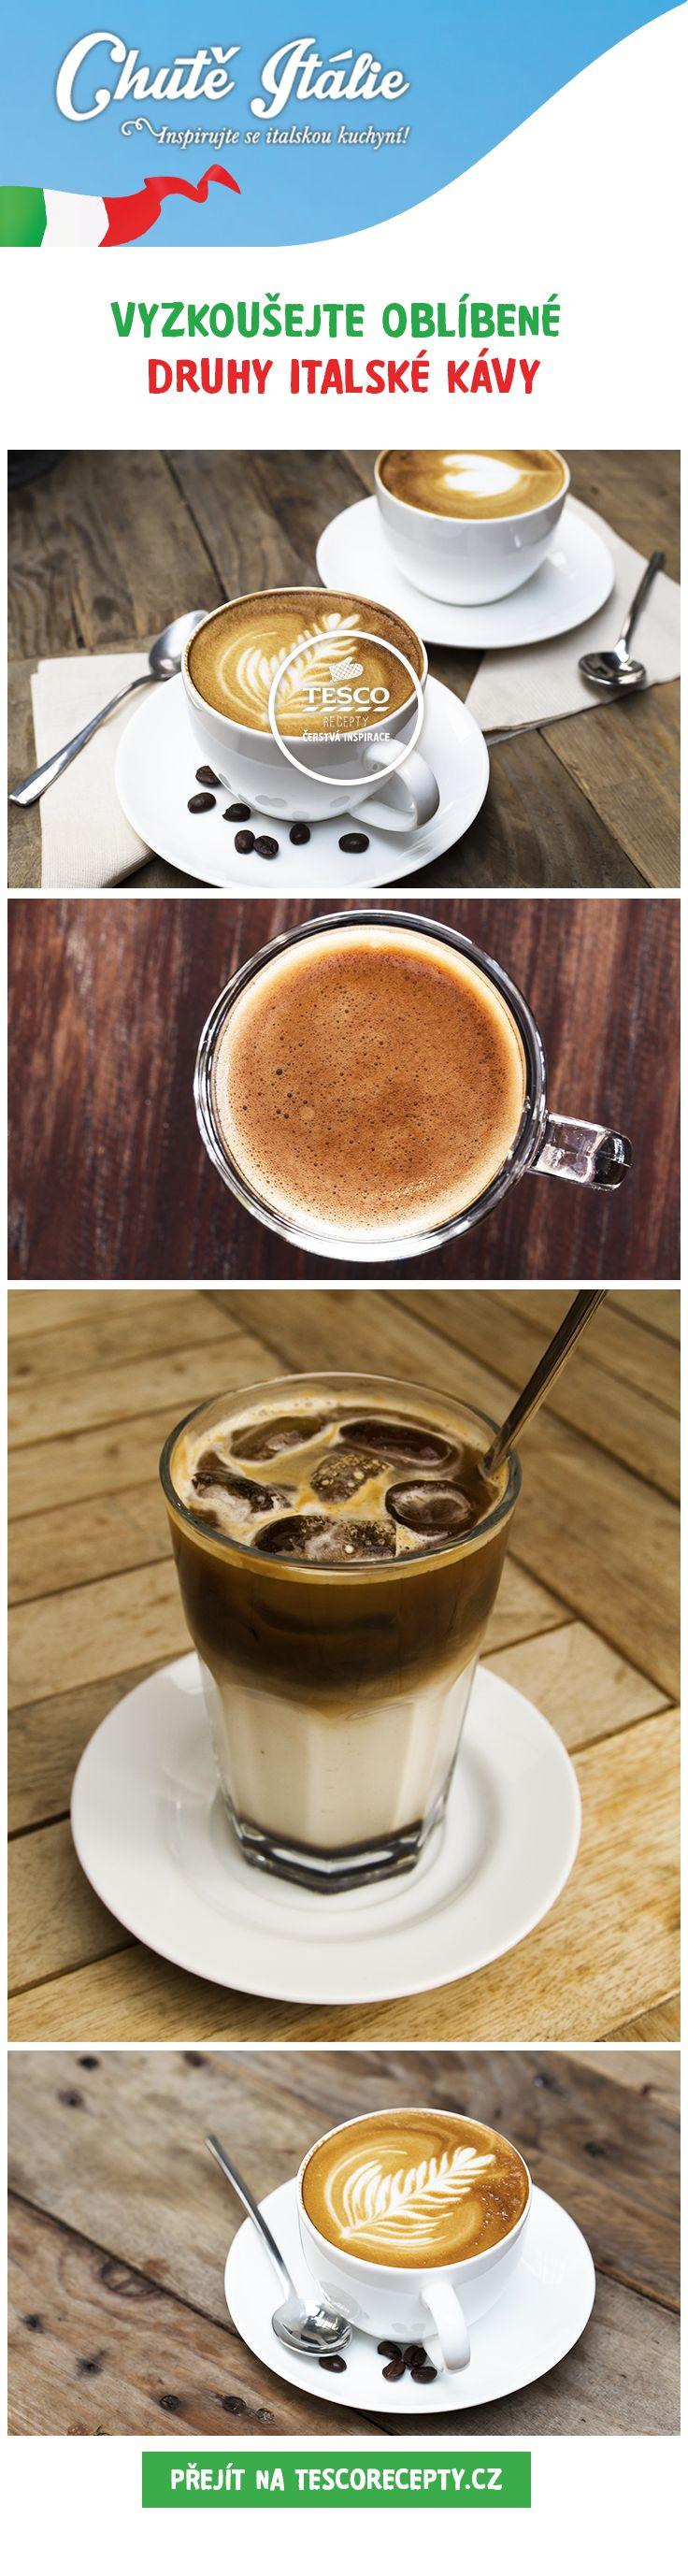 Vyzkoušejte oblíbené druhy italské kávy, inspirujte se na tescorecepty.cz!